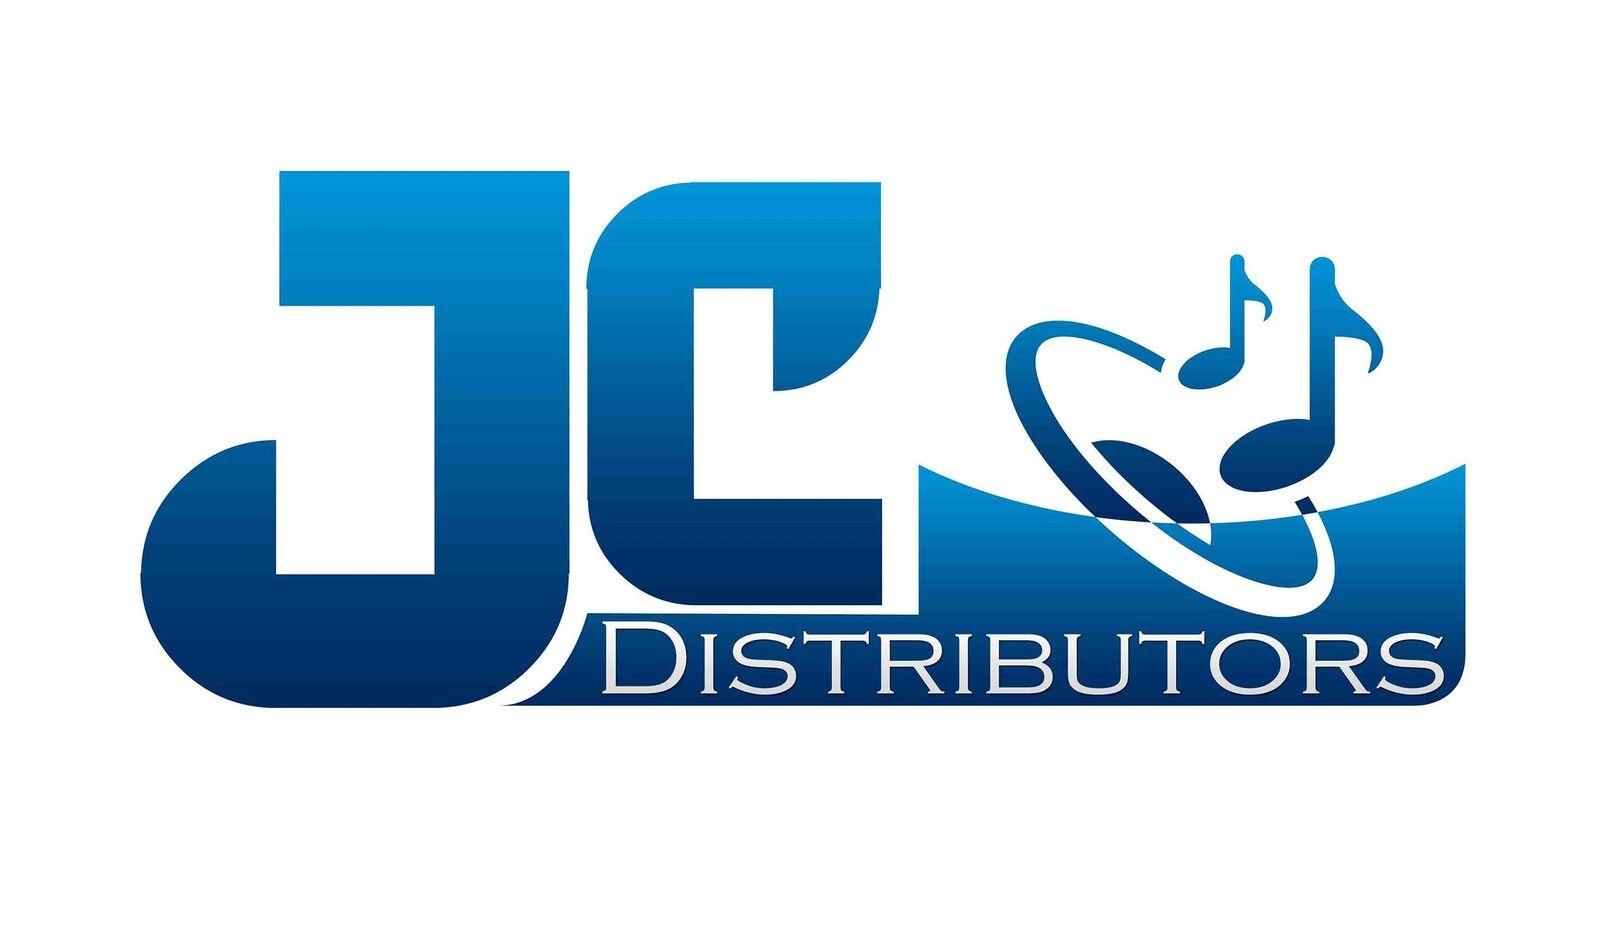 JC DISTRIBUTORS